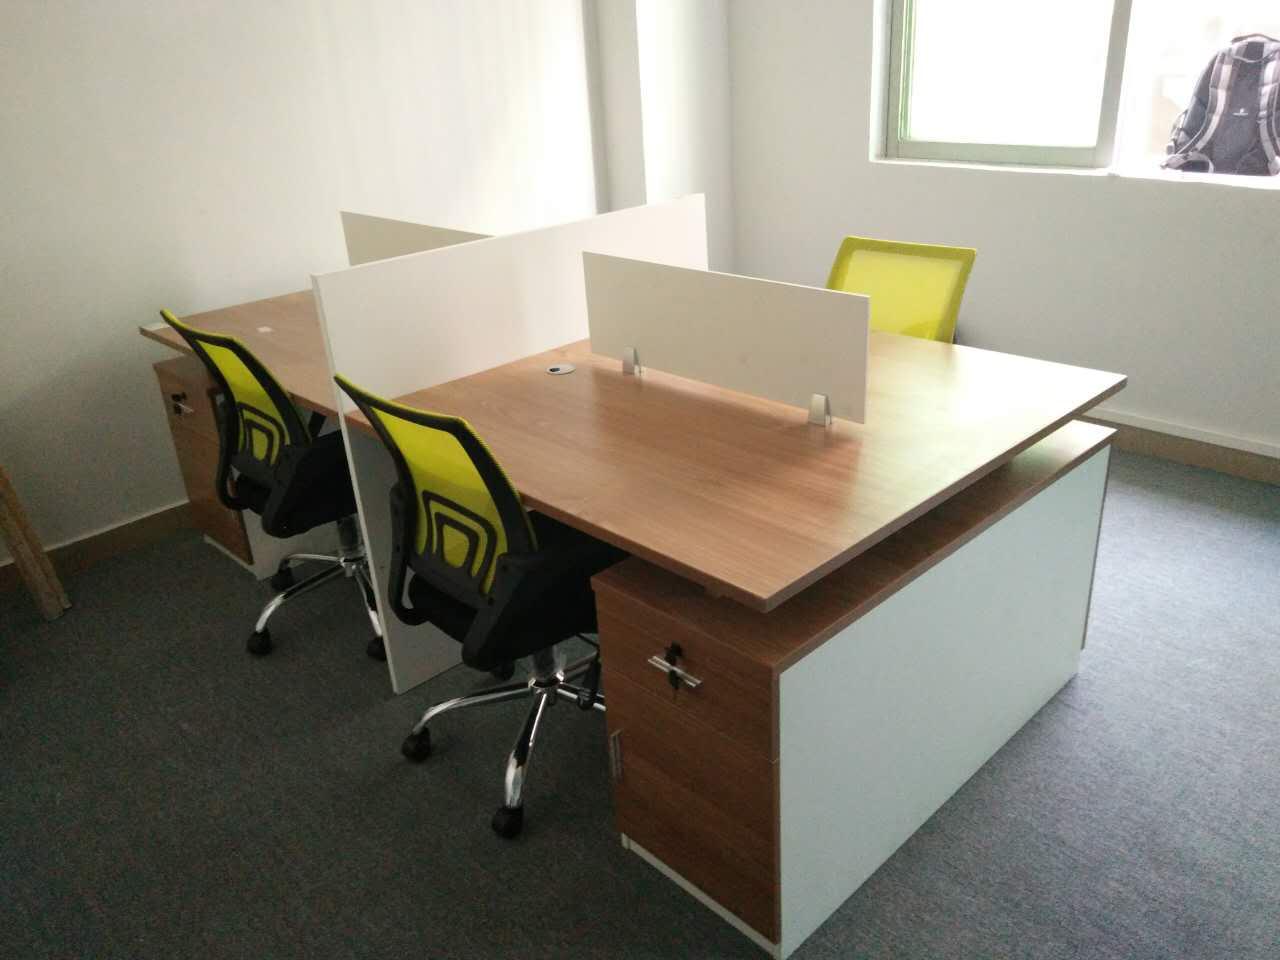 合步二手办公沙发销售安装服务案例——朱先生